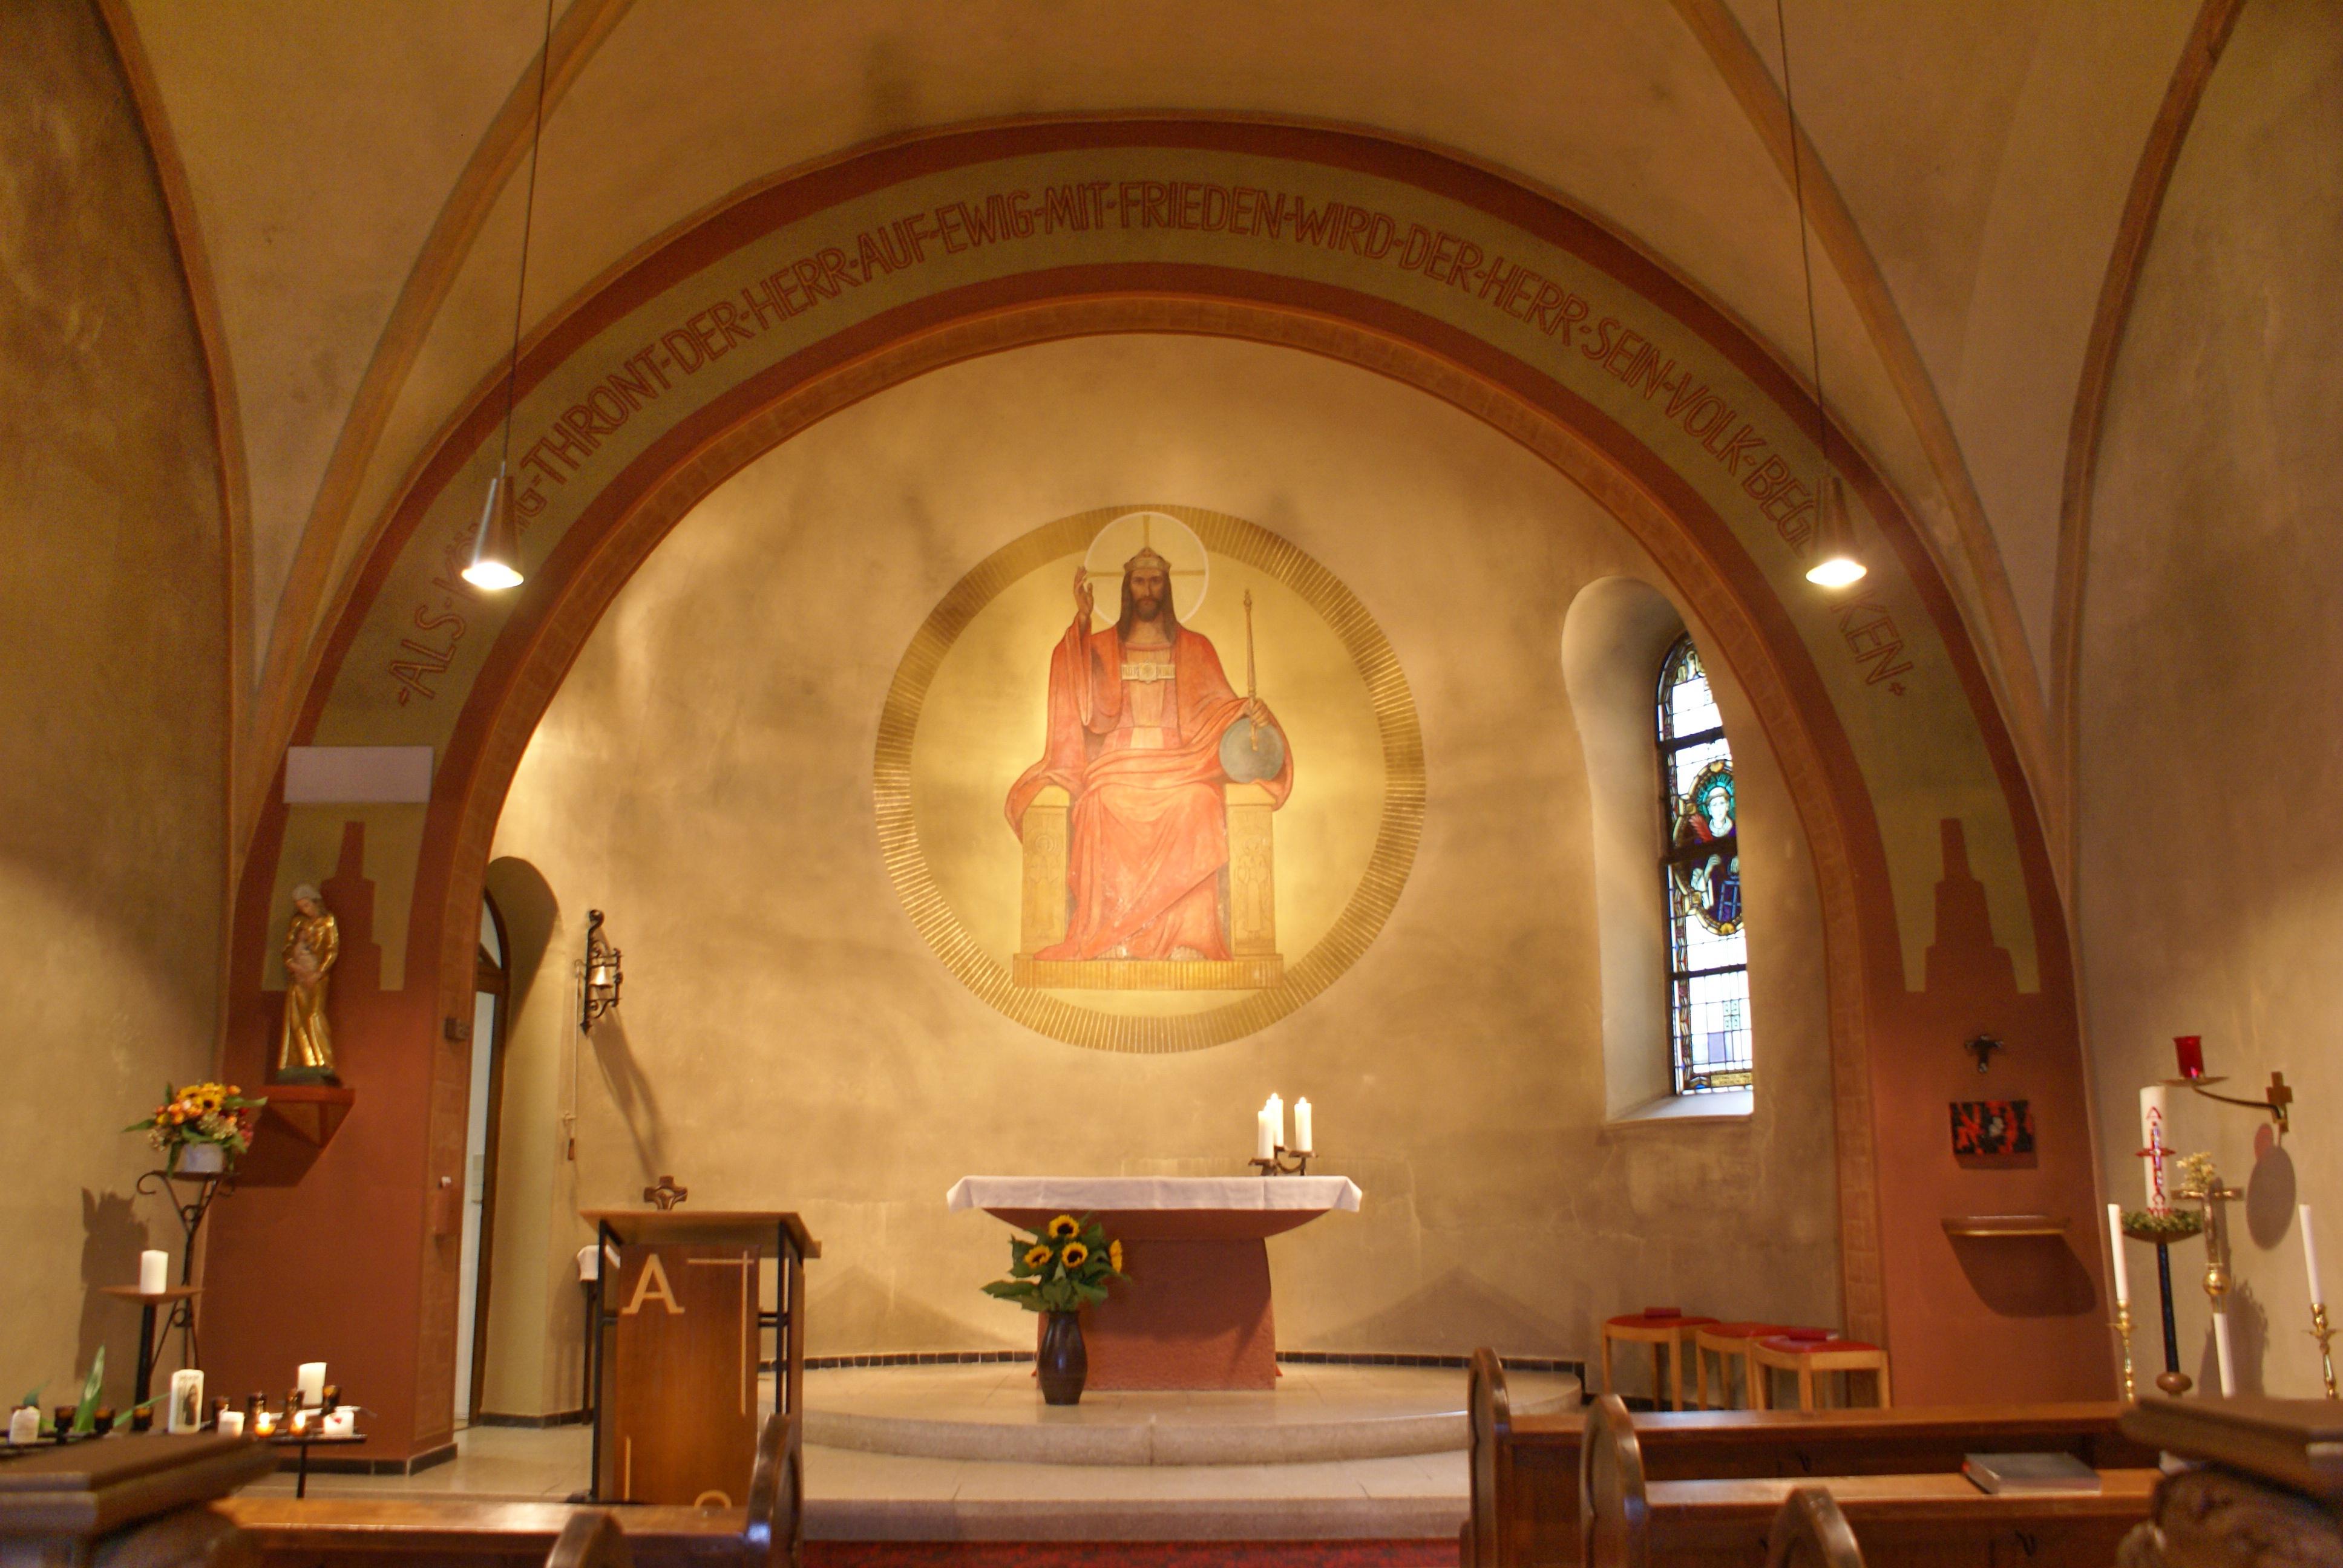 Katholische Kirche in Dorsheim, Chorraum mit Bild